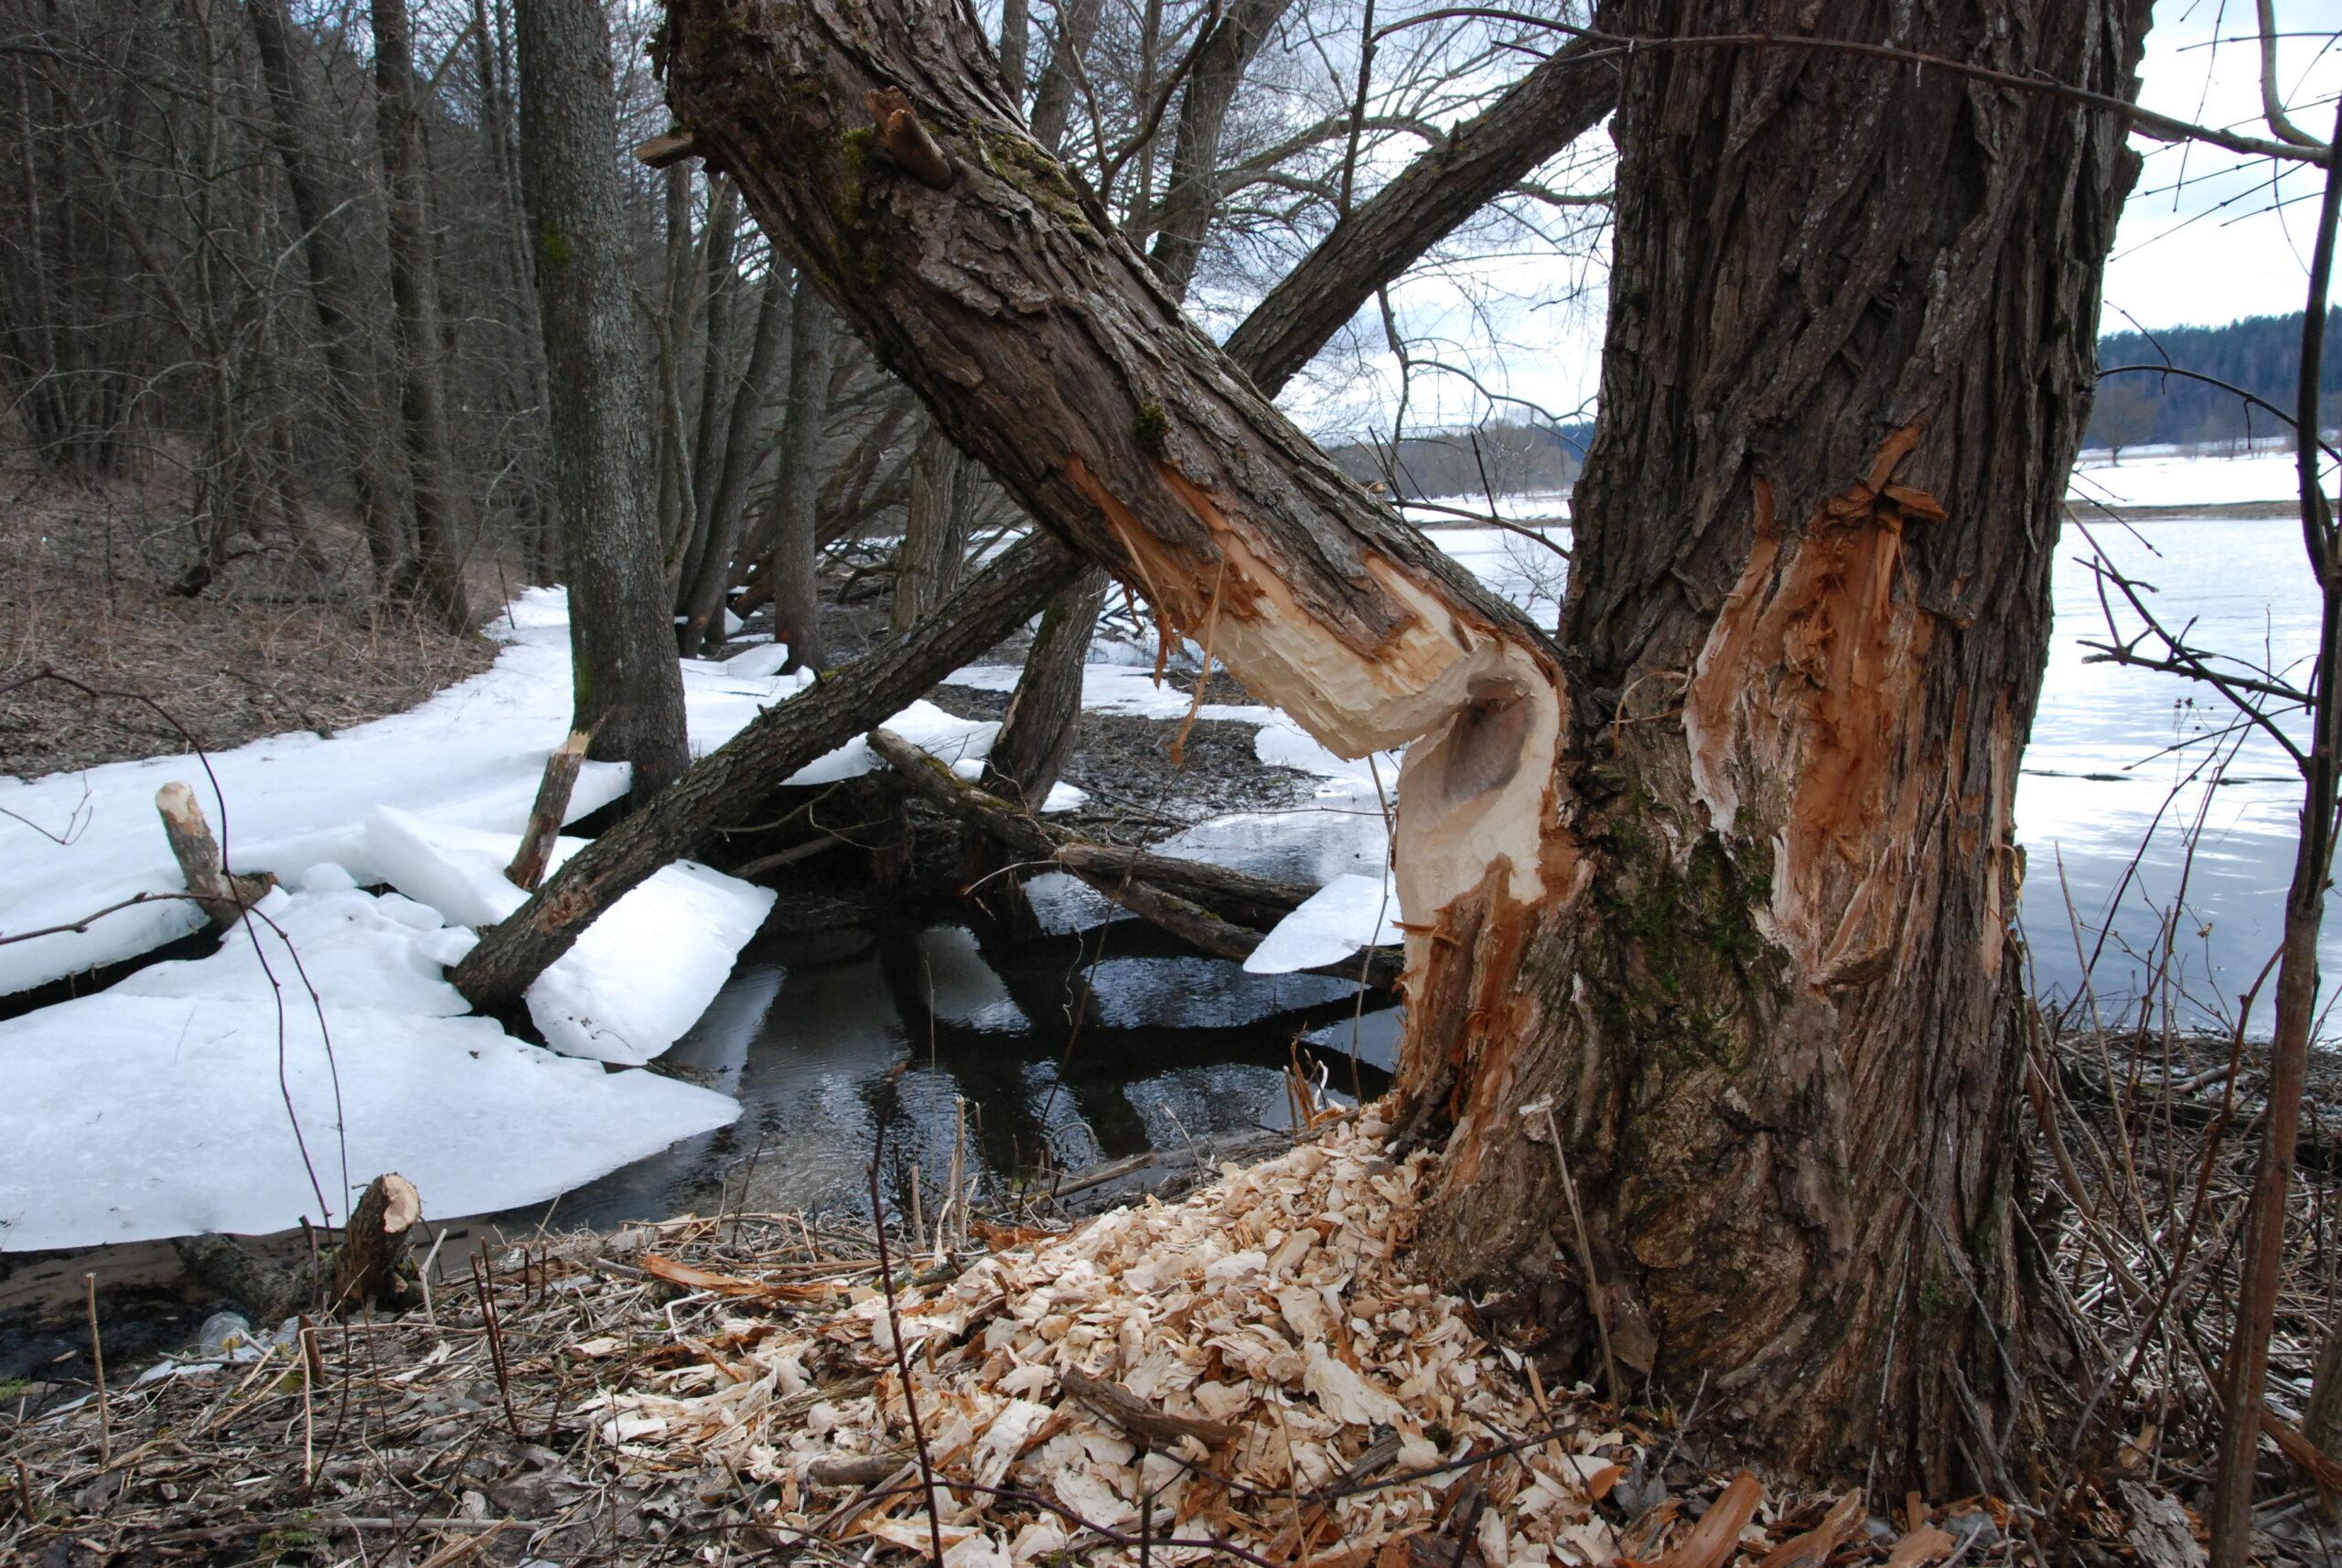 Nugraužtas medis.